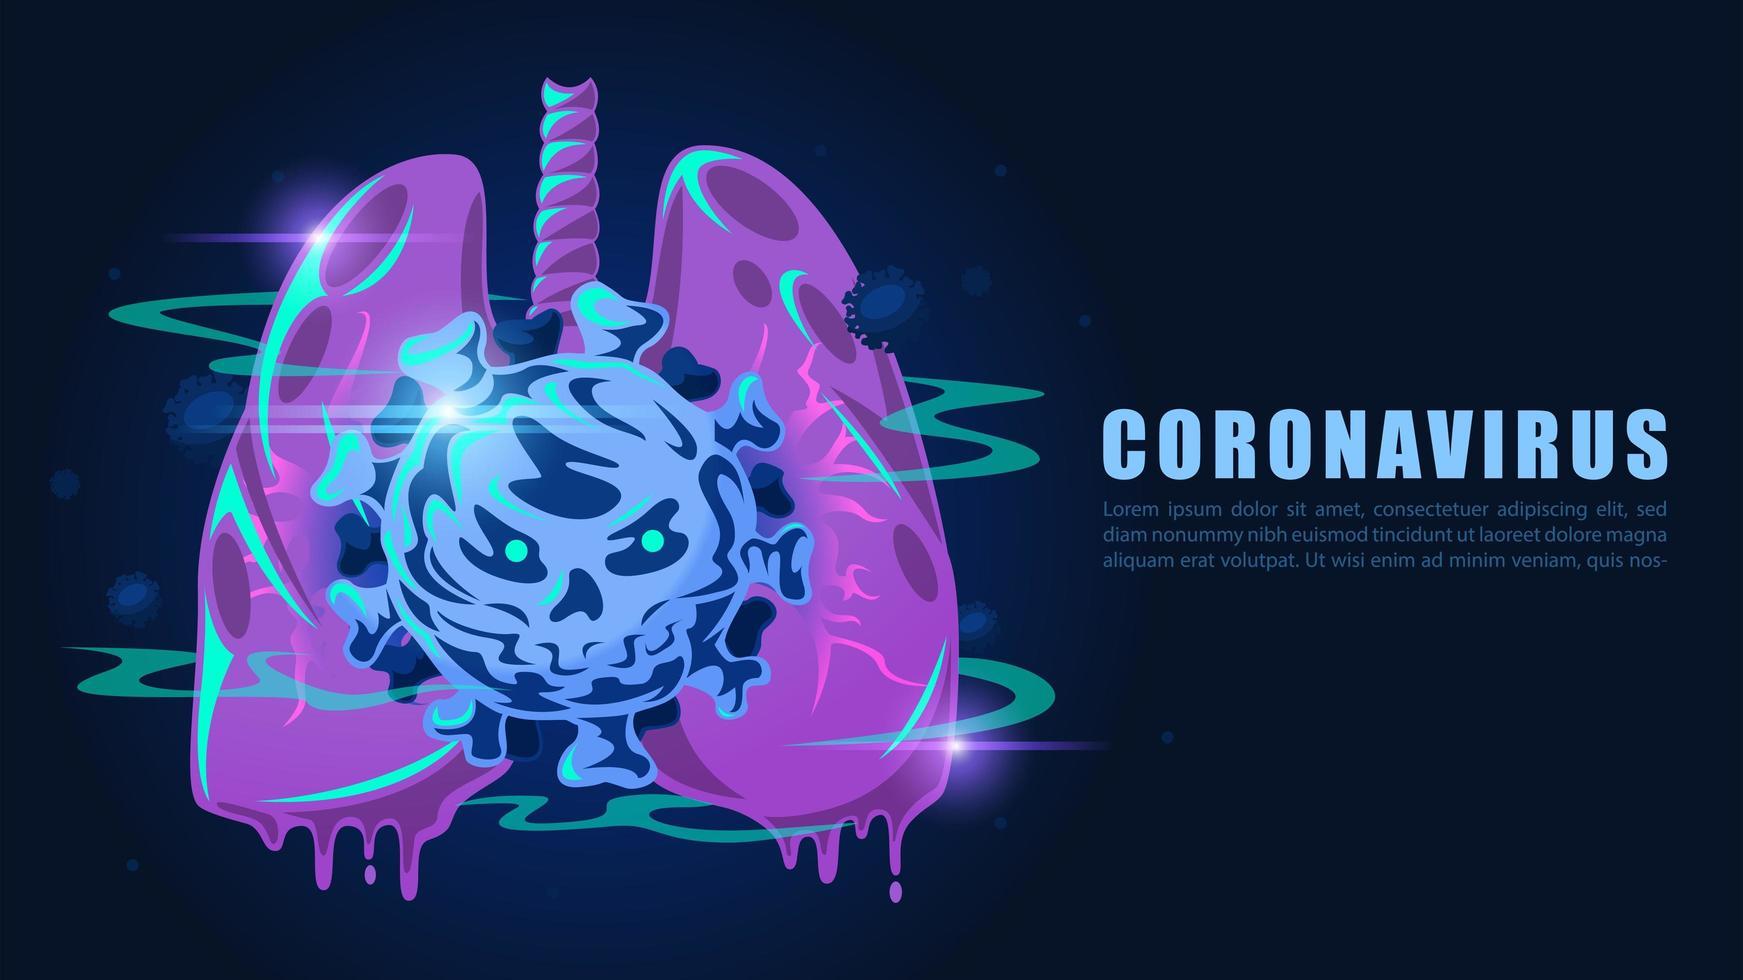 pulmões de estilo cartoon infectados por coronavírus vetor